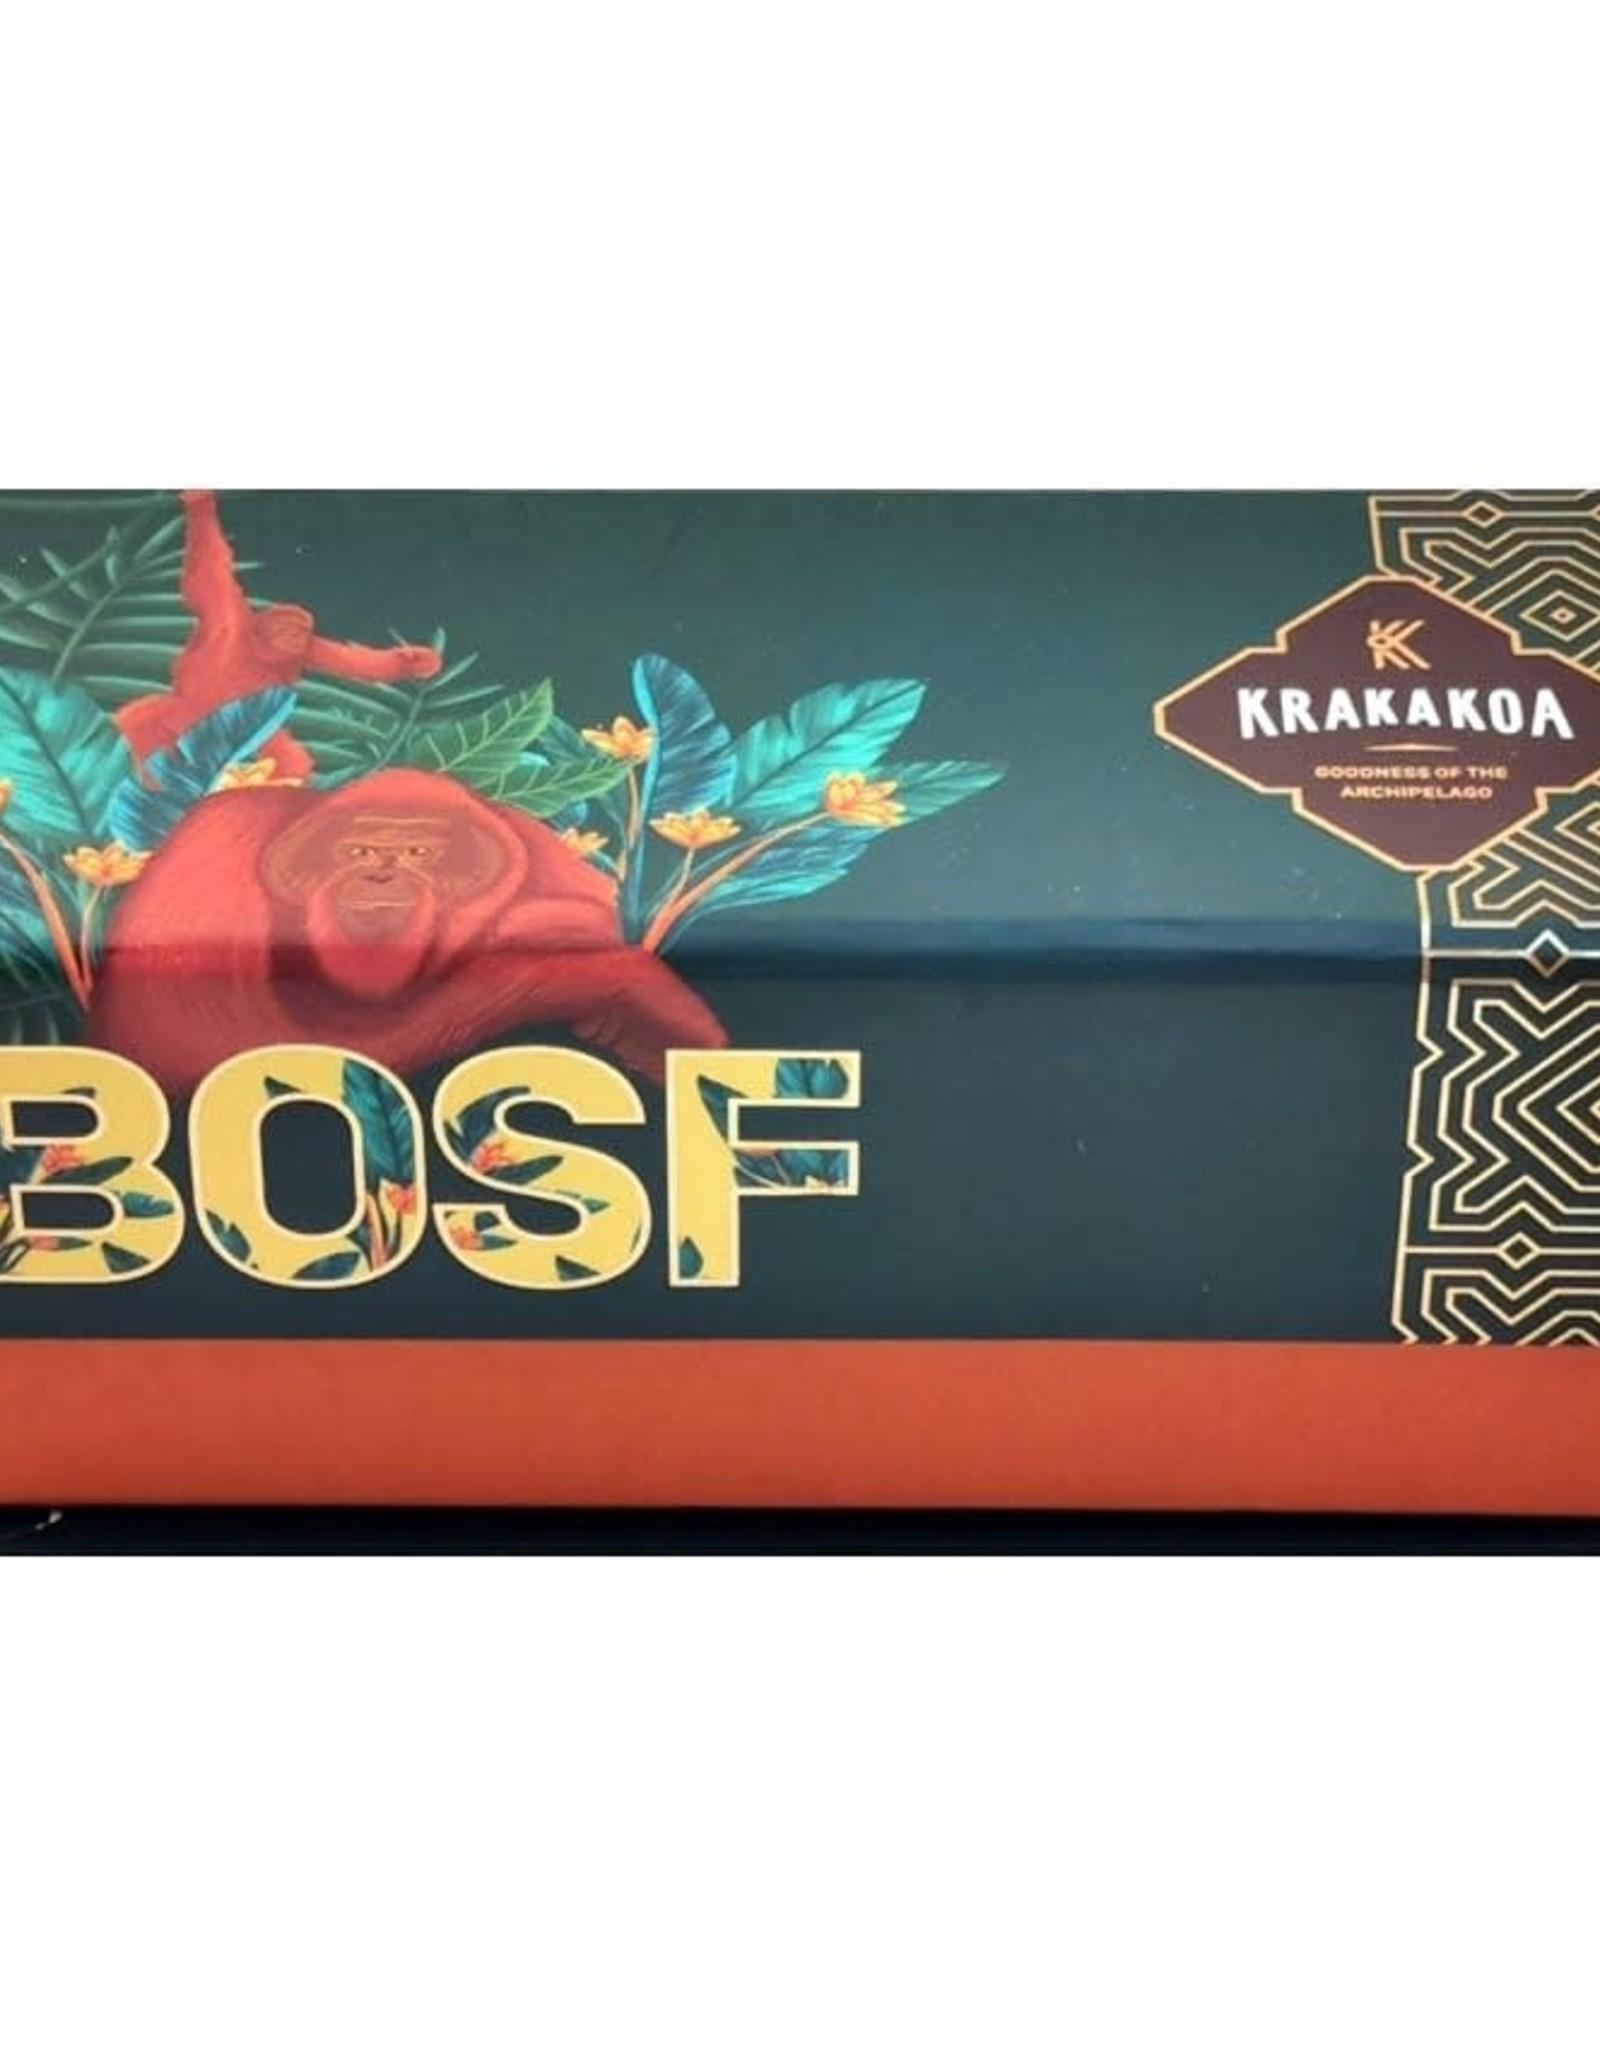 Krakakoa Gift package 5 flavors